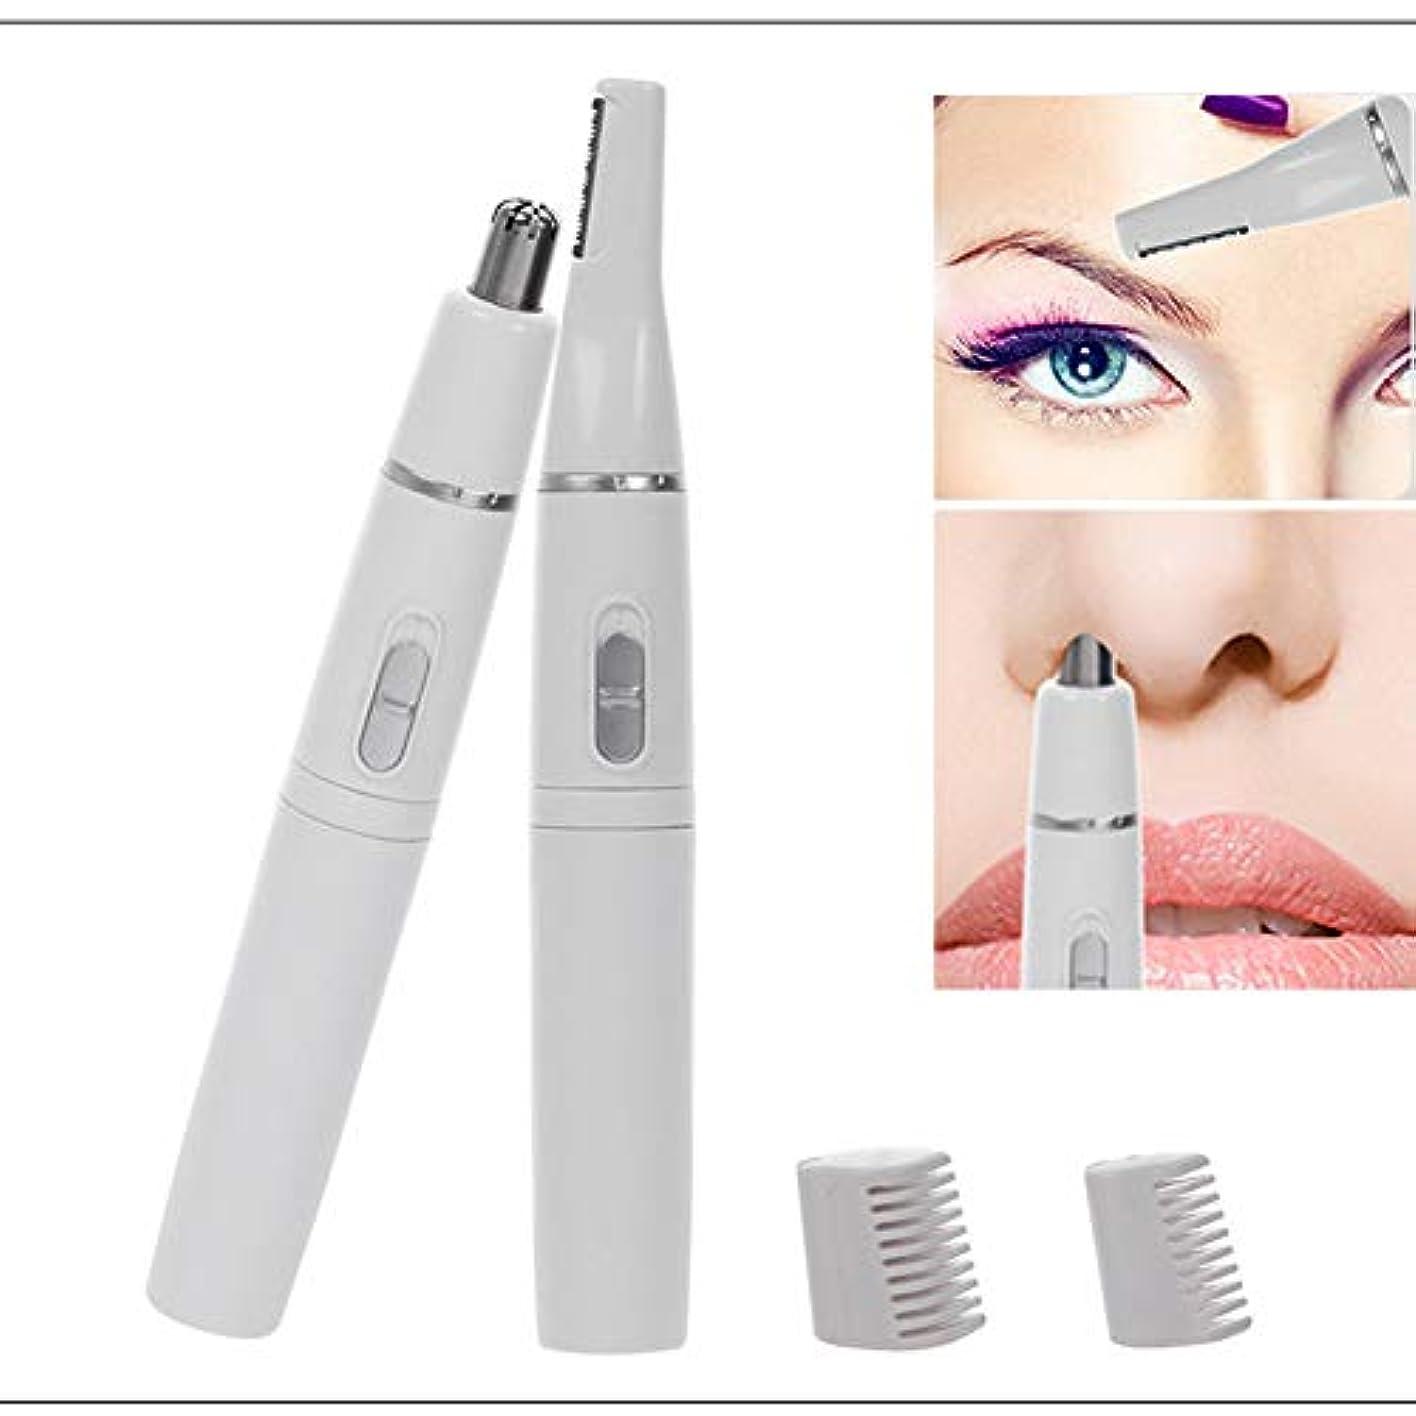 マットレス増幅器皿電気鼻毛眉毛形削りナイフ、ボディケアユニセックス快適で痛みのない簡単にトリミング